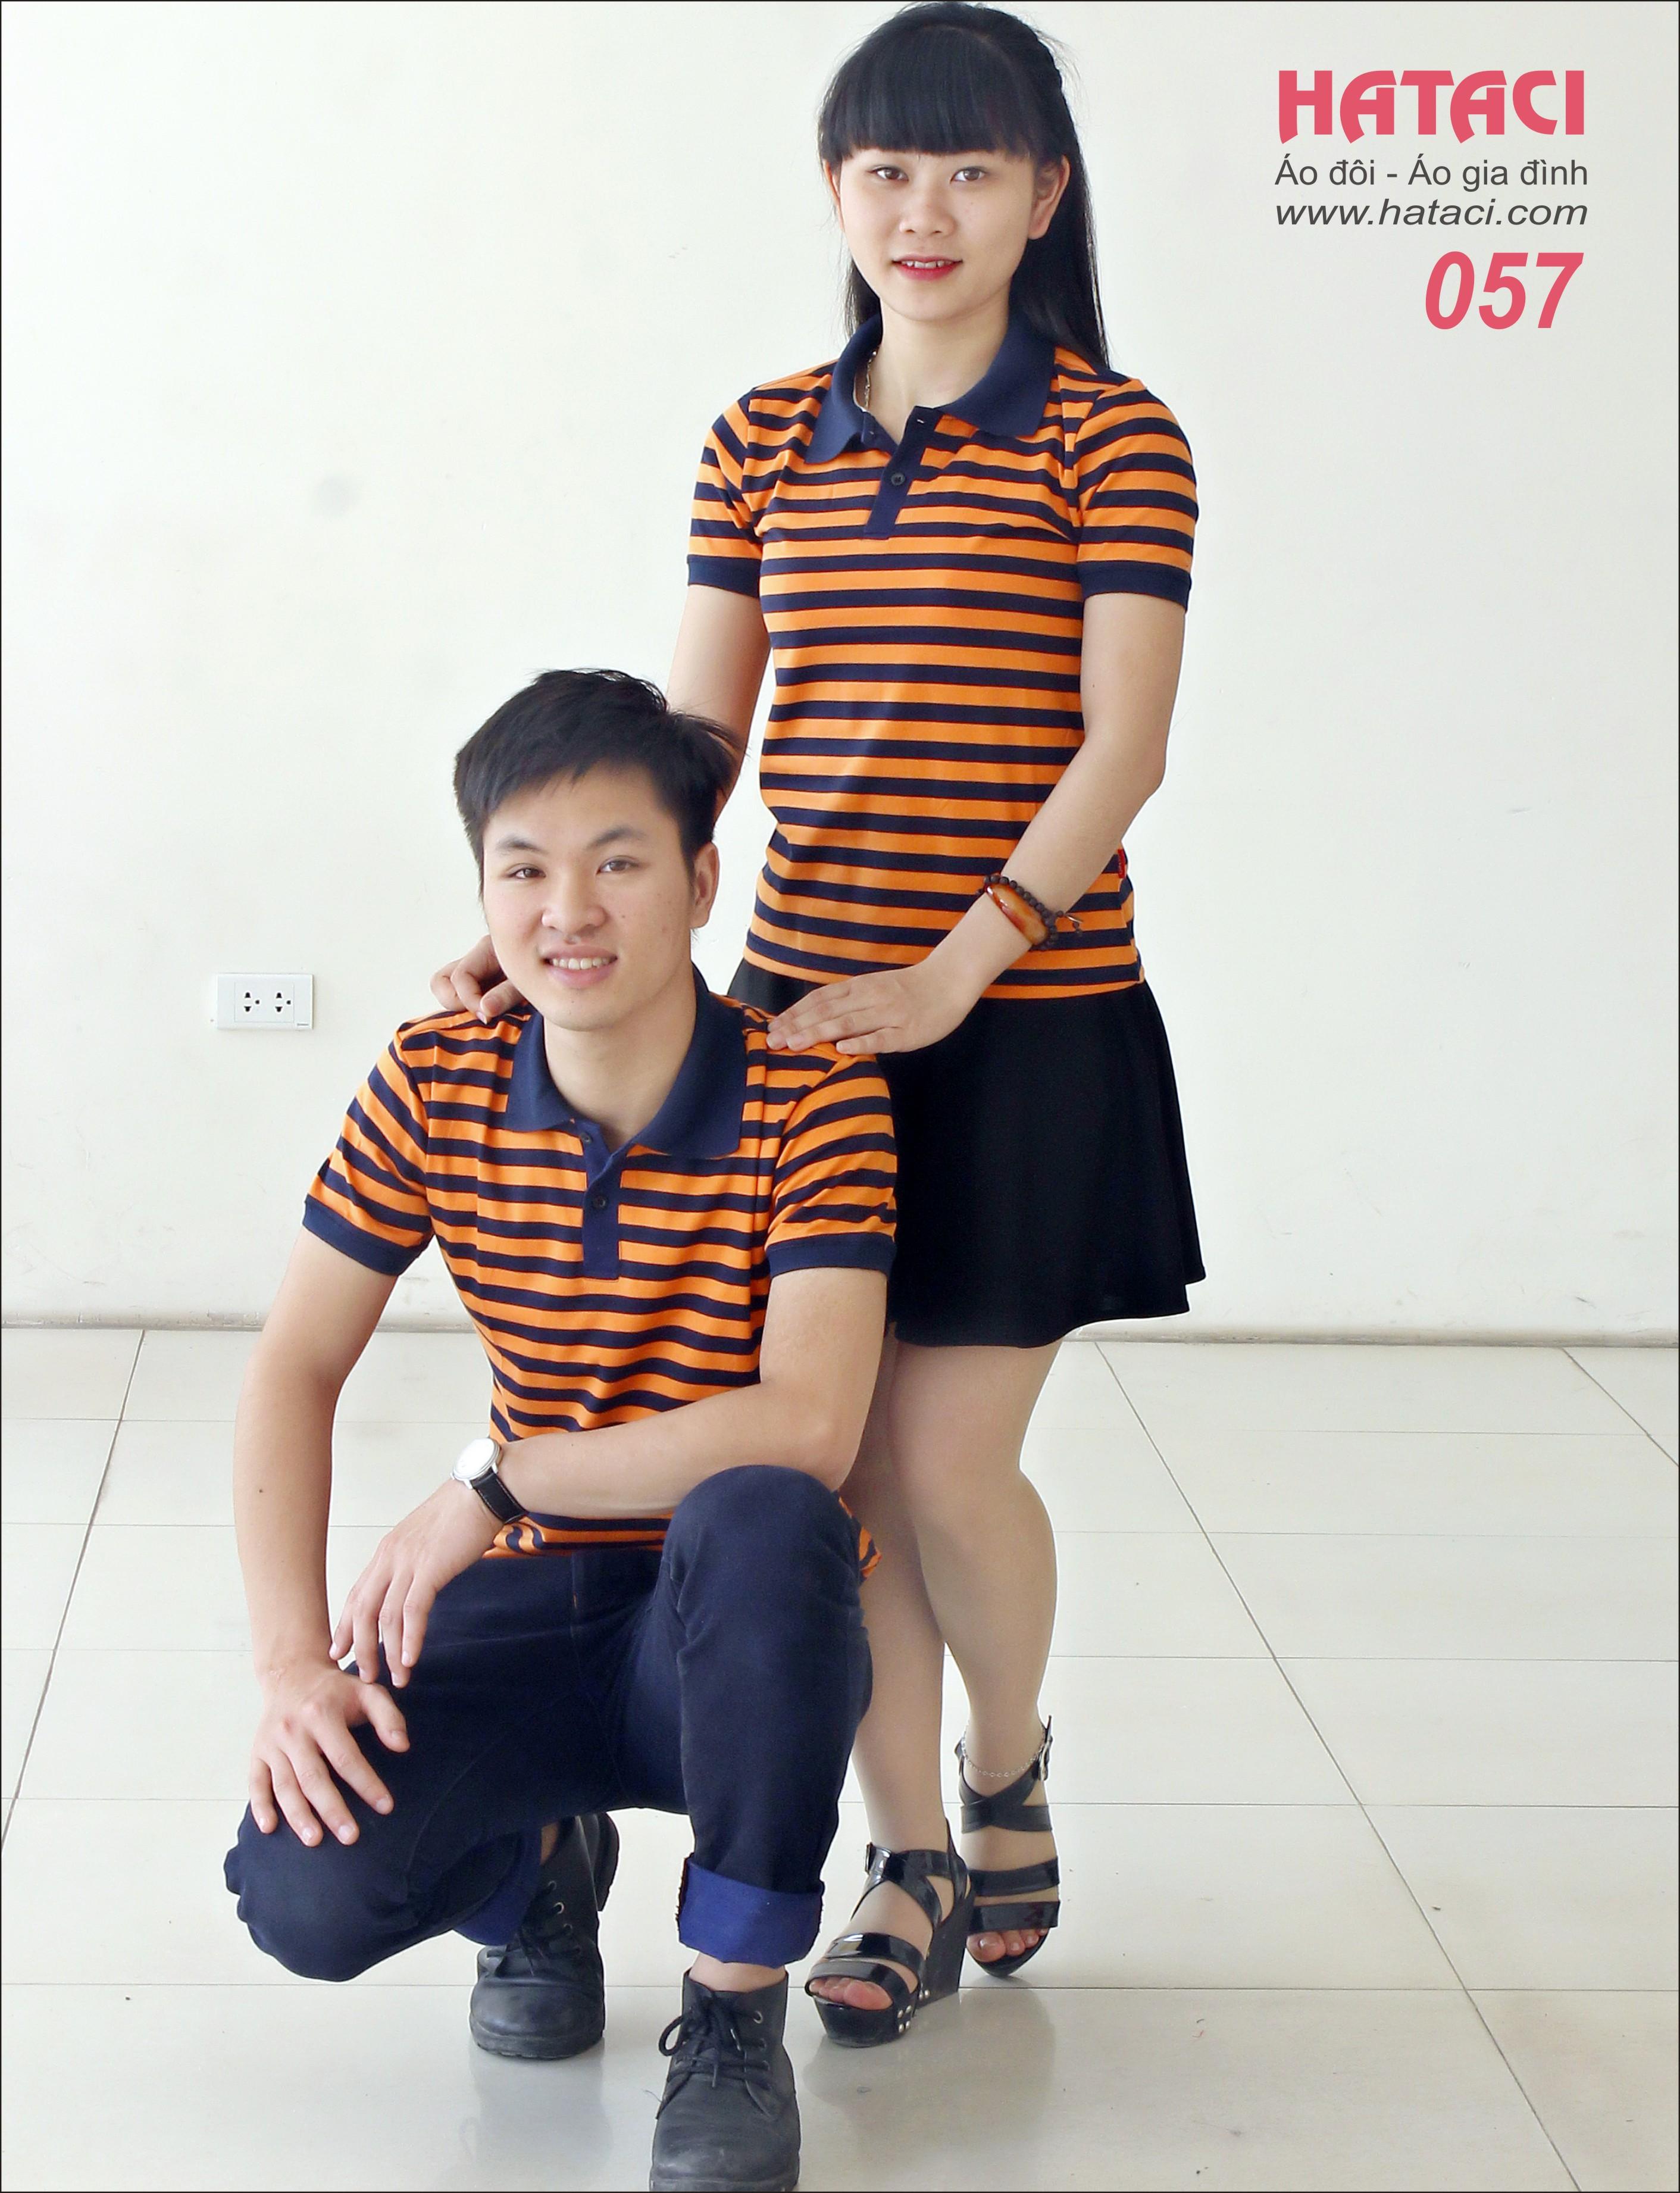 13 Cửa hàng chuyên bán  áo đôi , đồ đôi đẹp